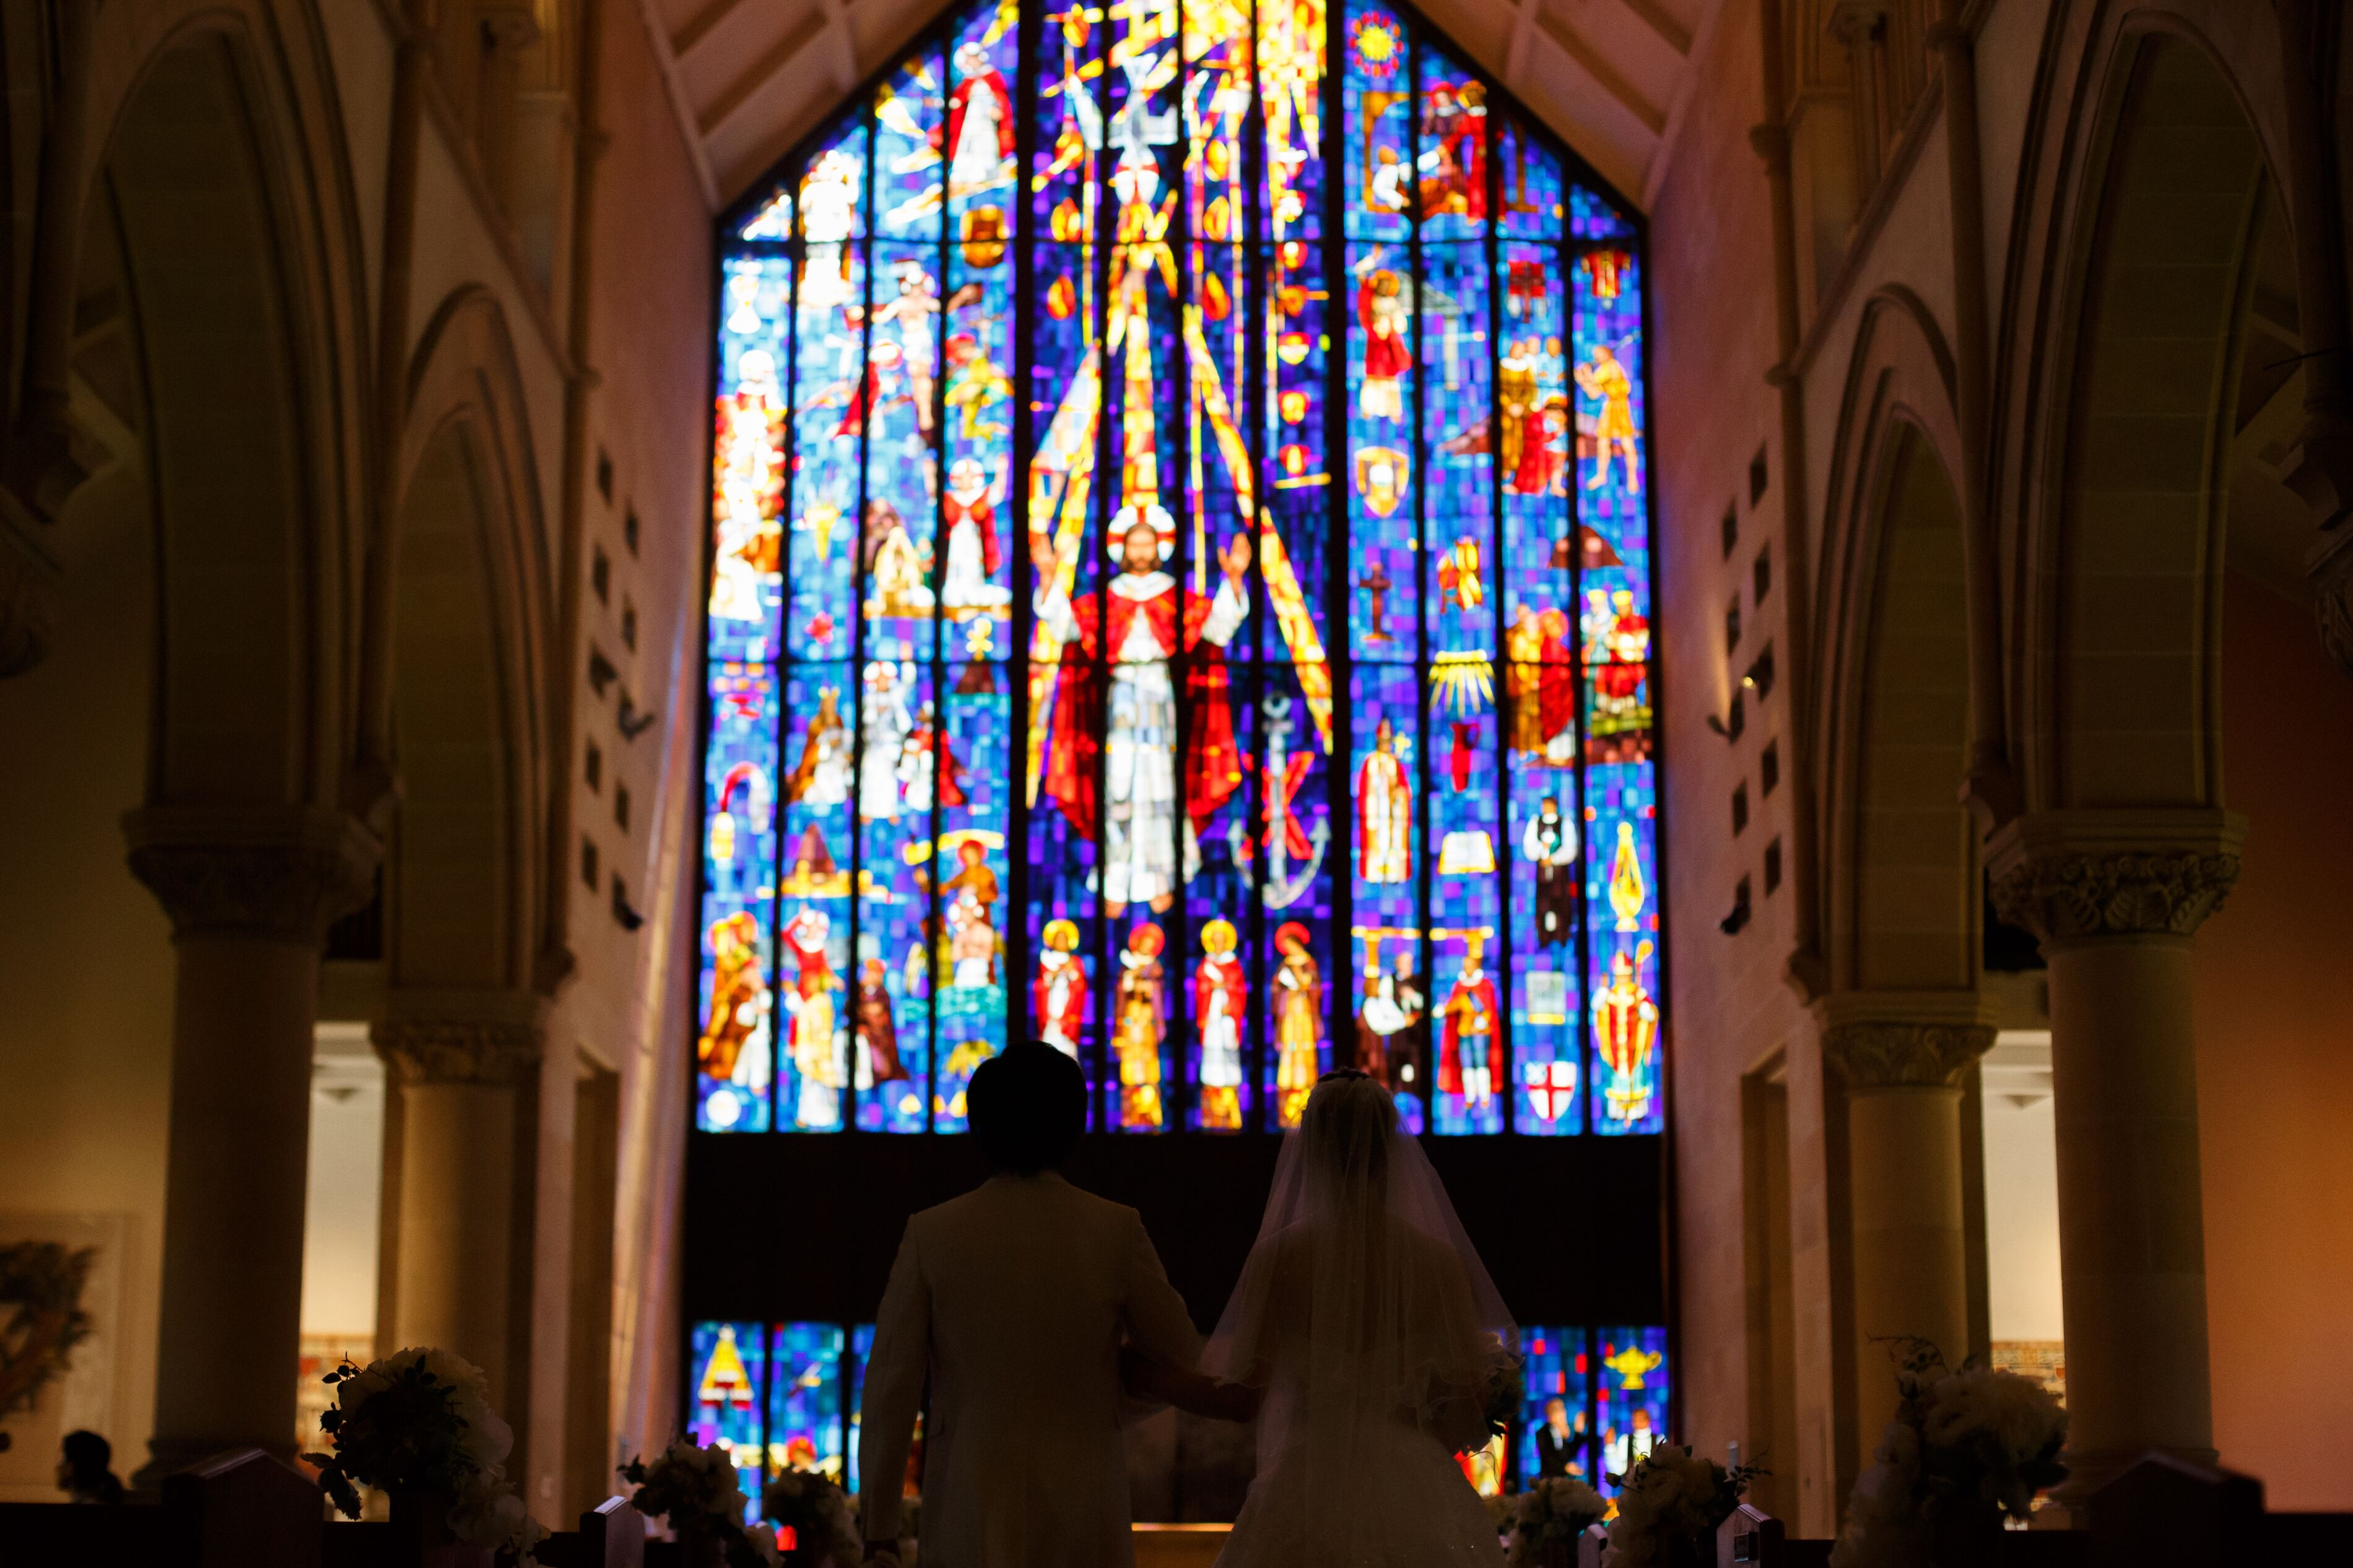 【ハワイ挙式】幻想的なステンドグラスが魅力的!セントアンドリュース大聖堂にて結婚式を挙げました♡♡_3